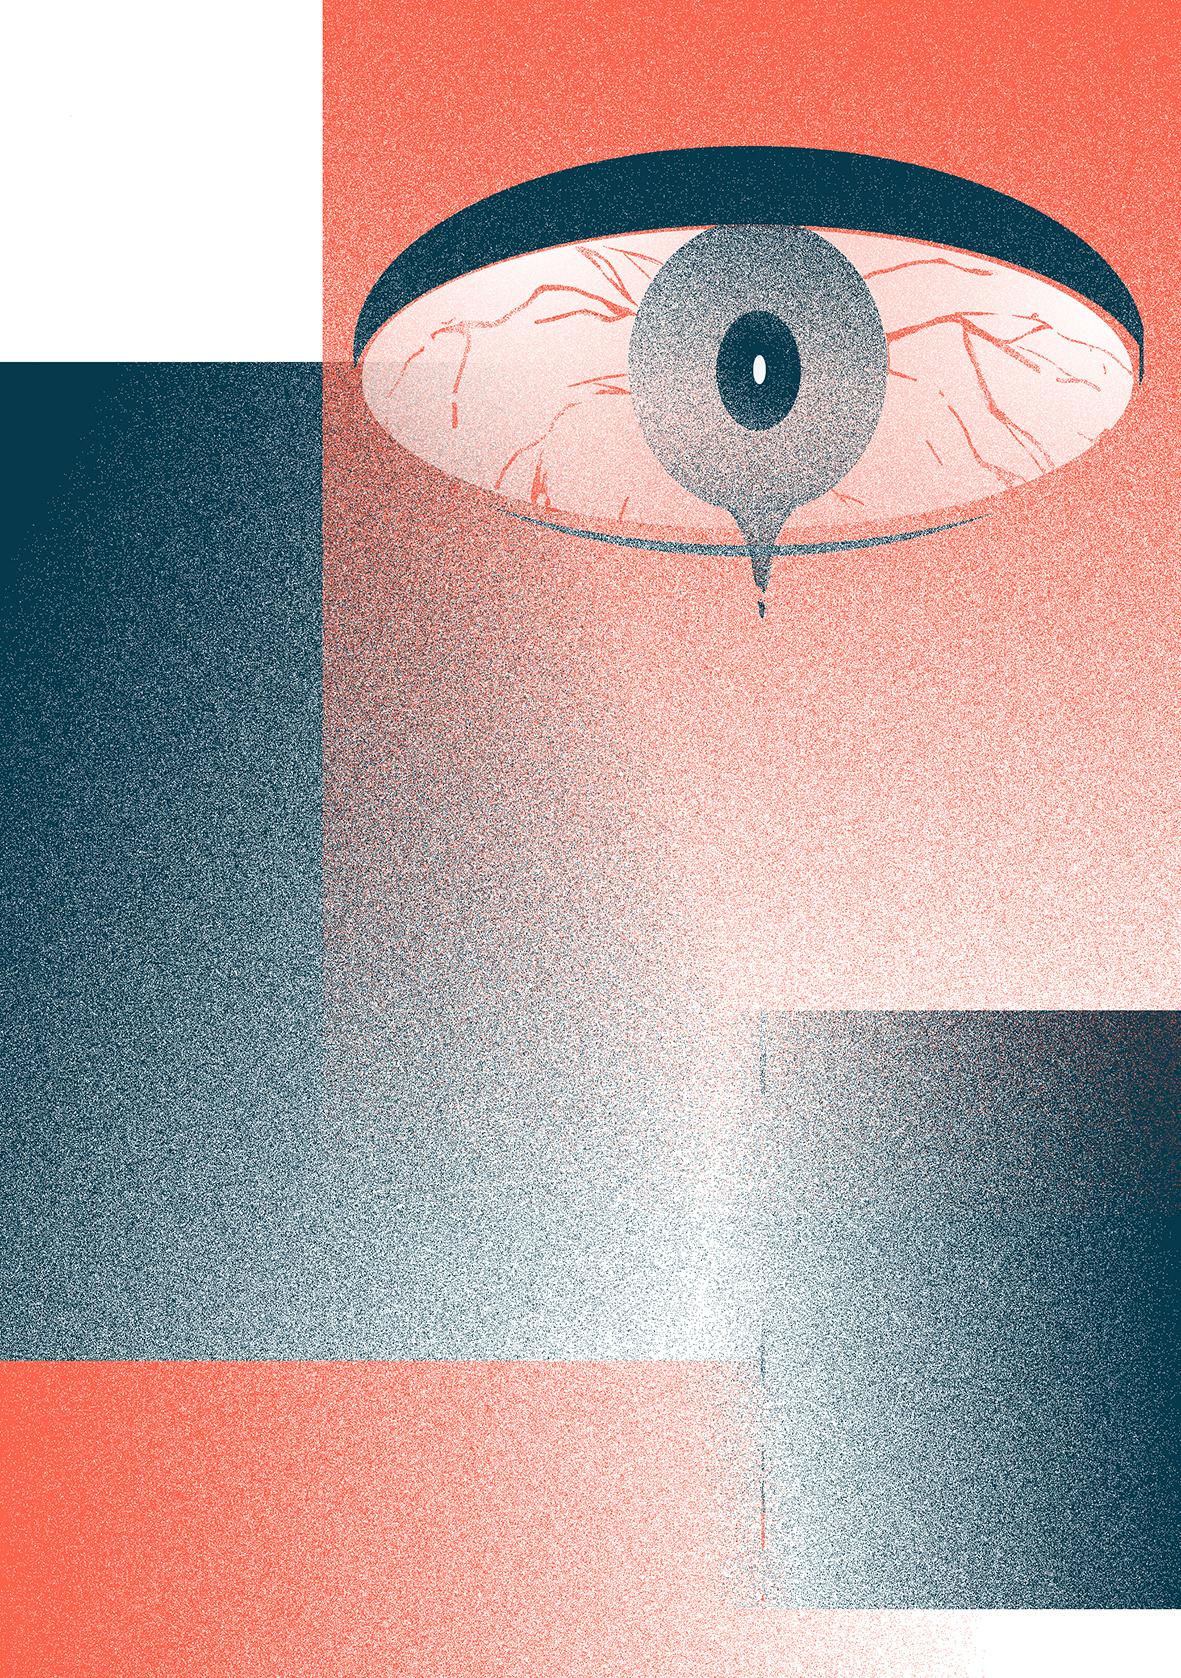 模拟梦境——眼耳口鼻图片